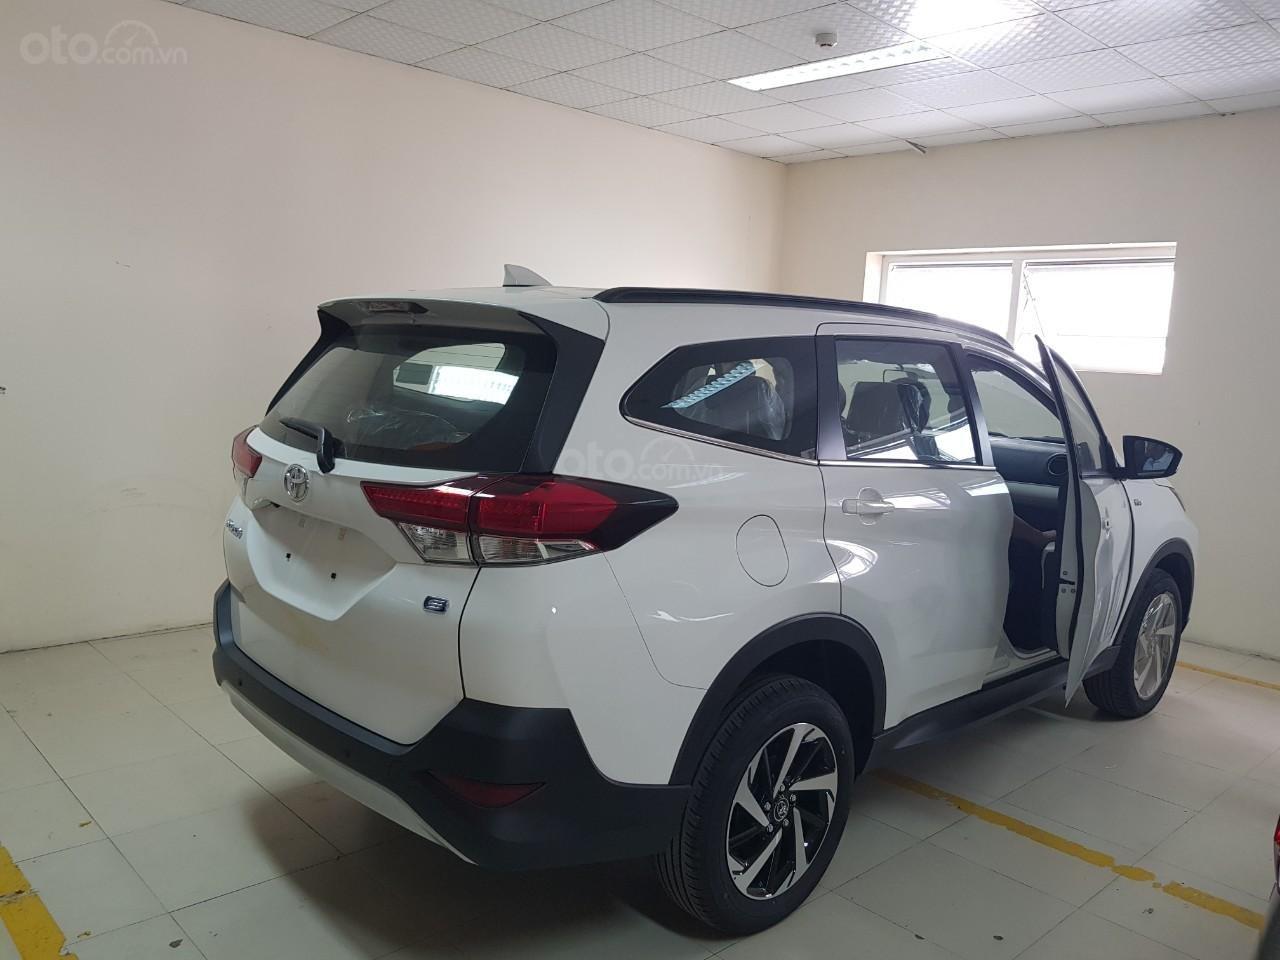 Toyota Vinh - Nghệ An: Bán xe Rush giá rẻ nhất Vinh Nghệ An, trả góp 80% lãi suất thấp (7)